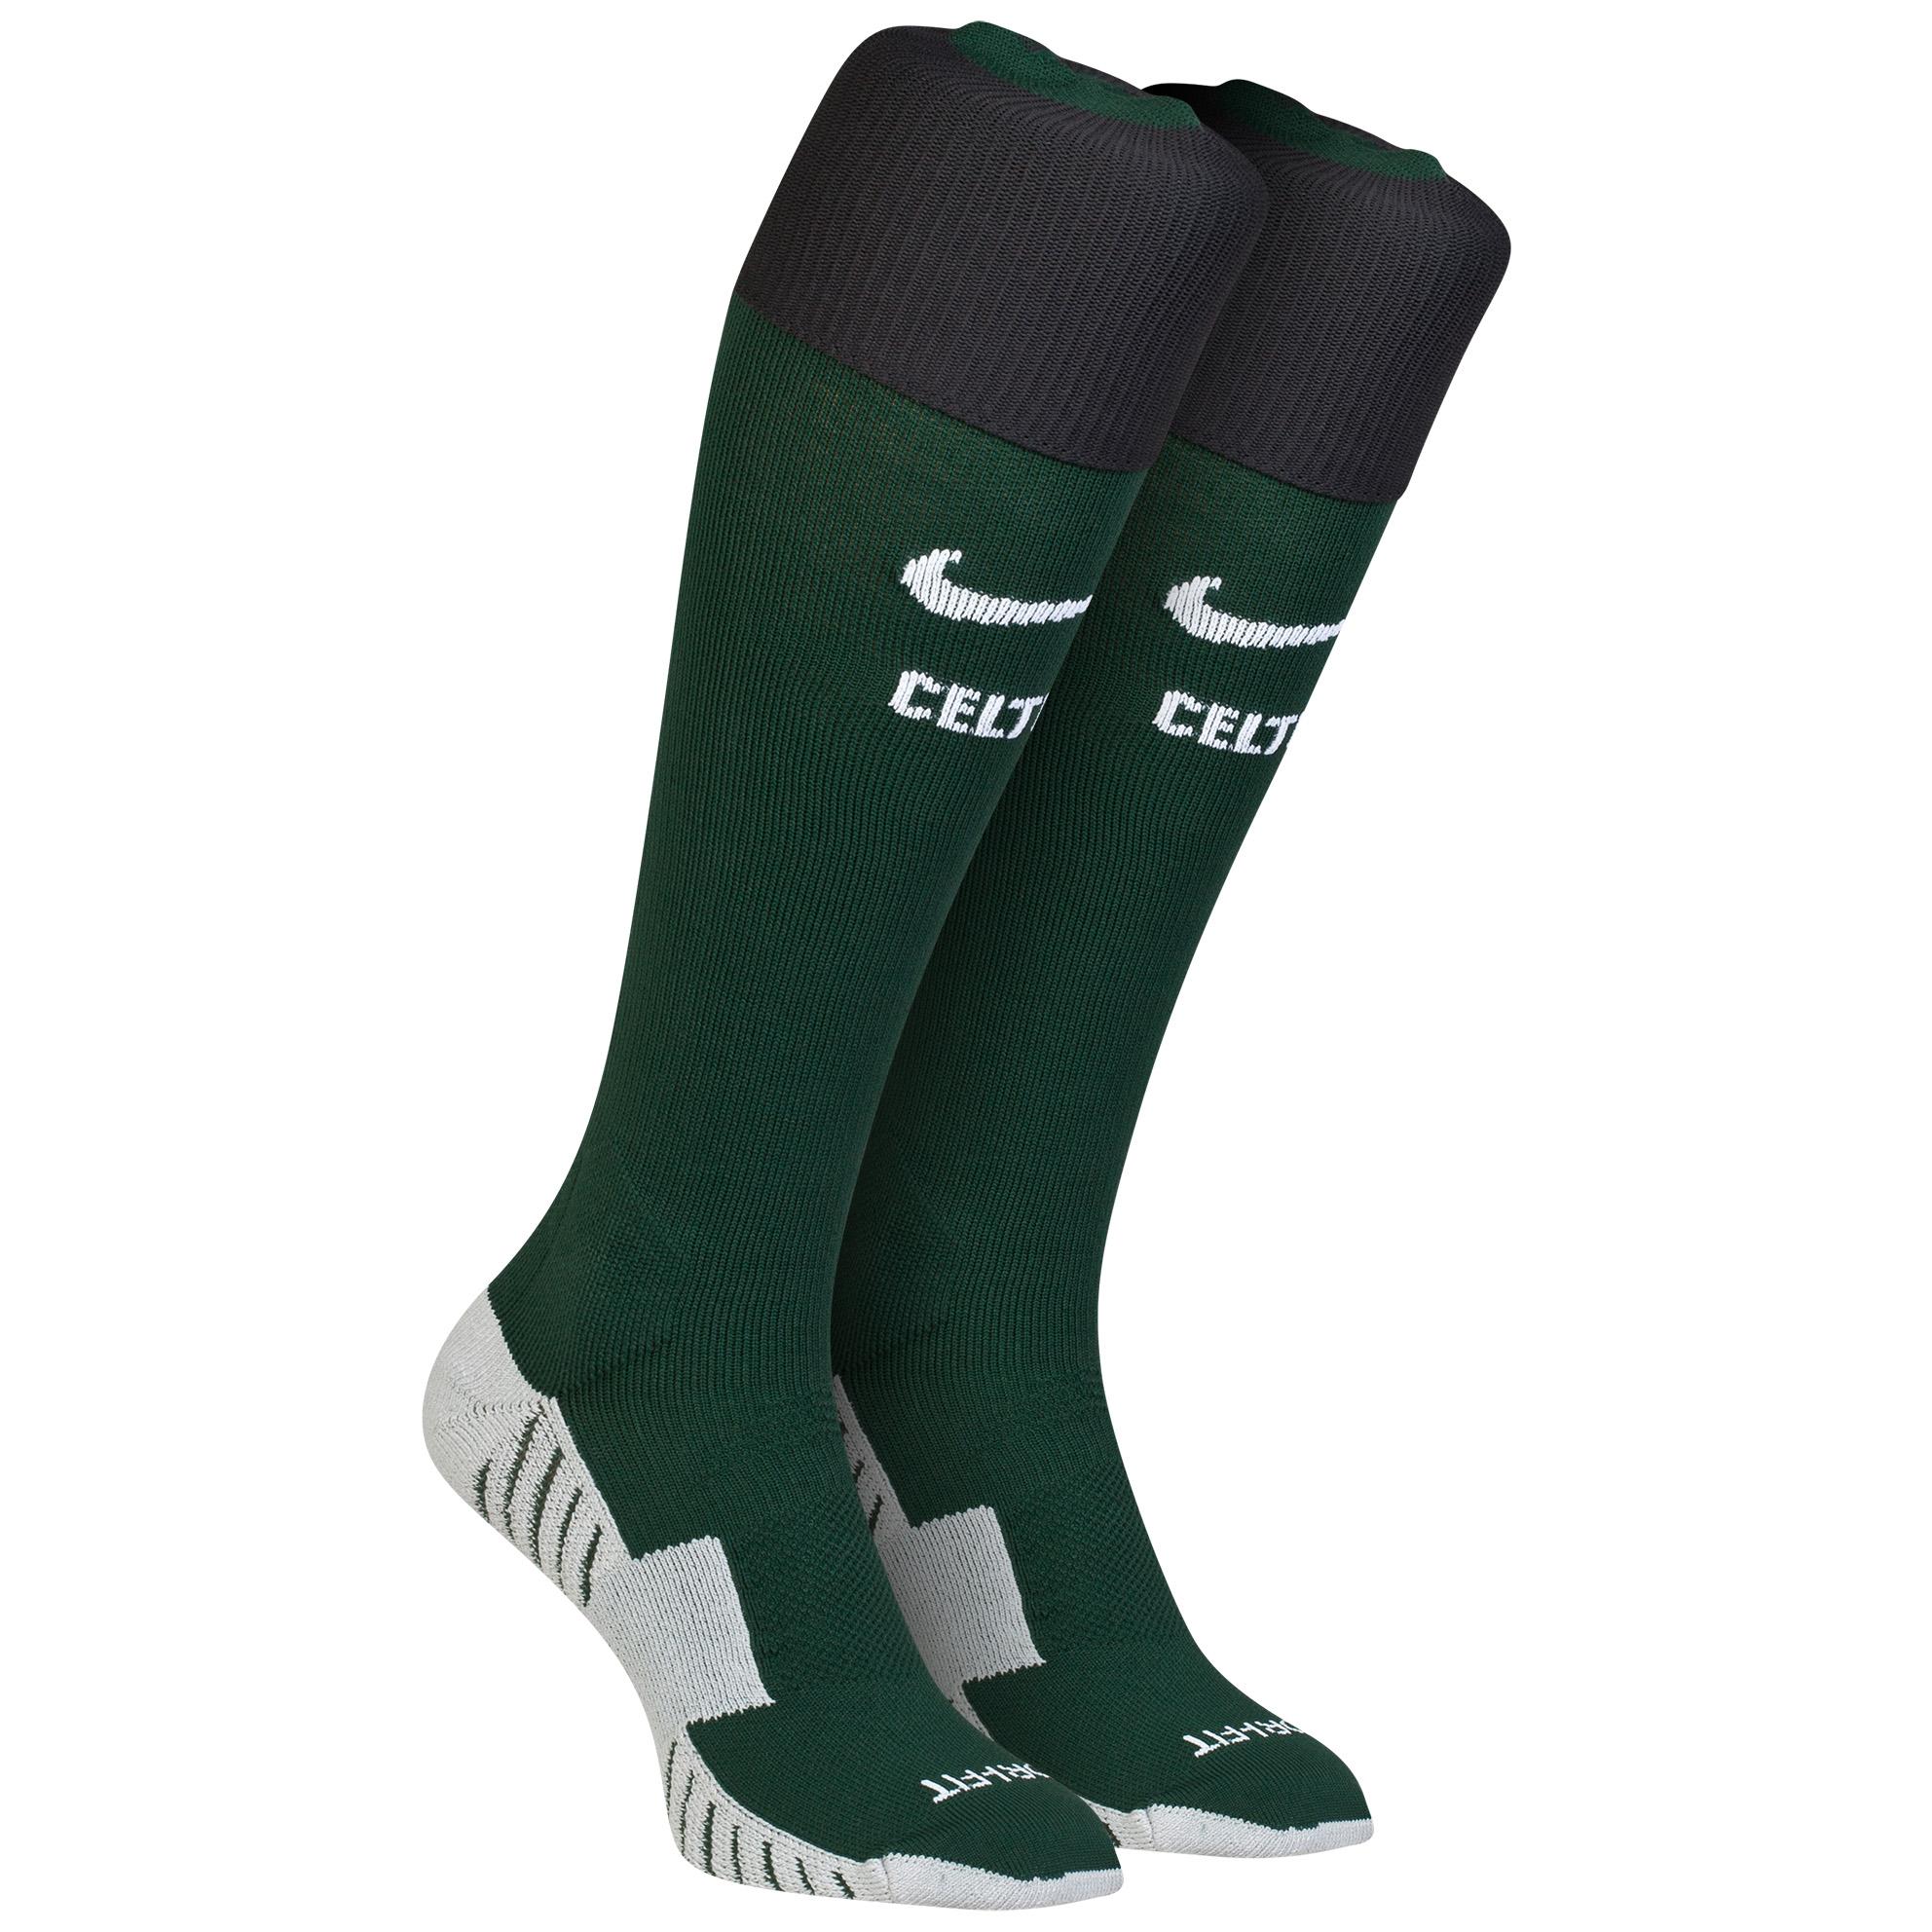 Celtic Away Socks 2014/15 Green